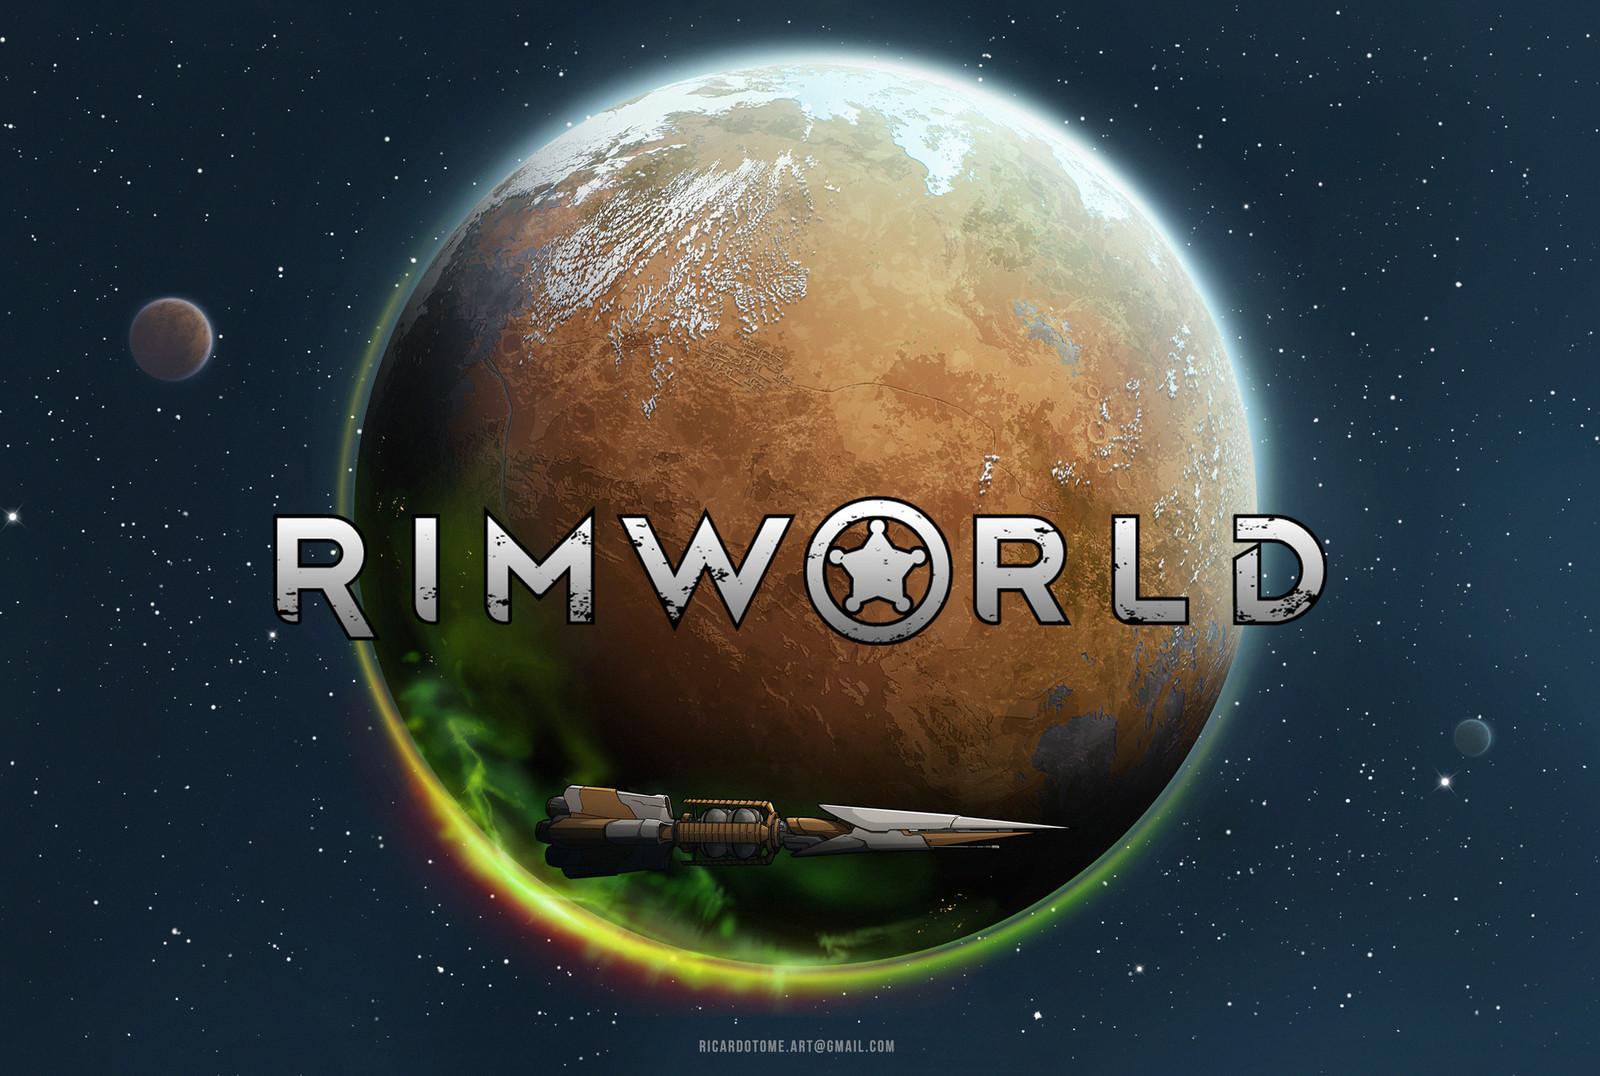 Rimworld - Main Menu Art